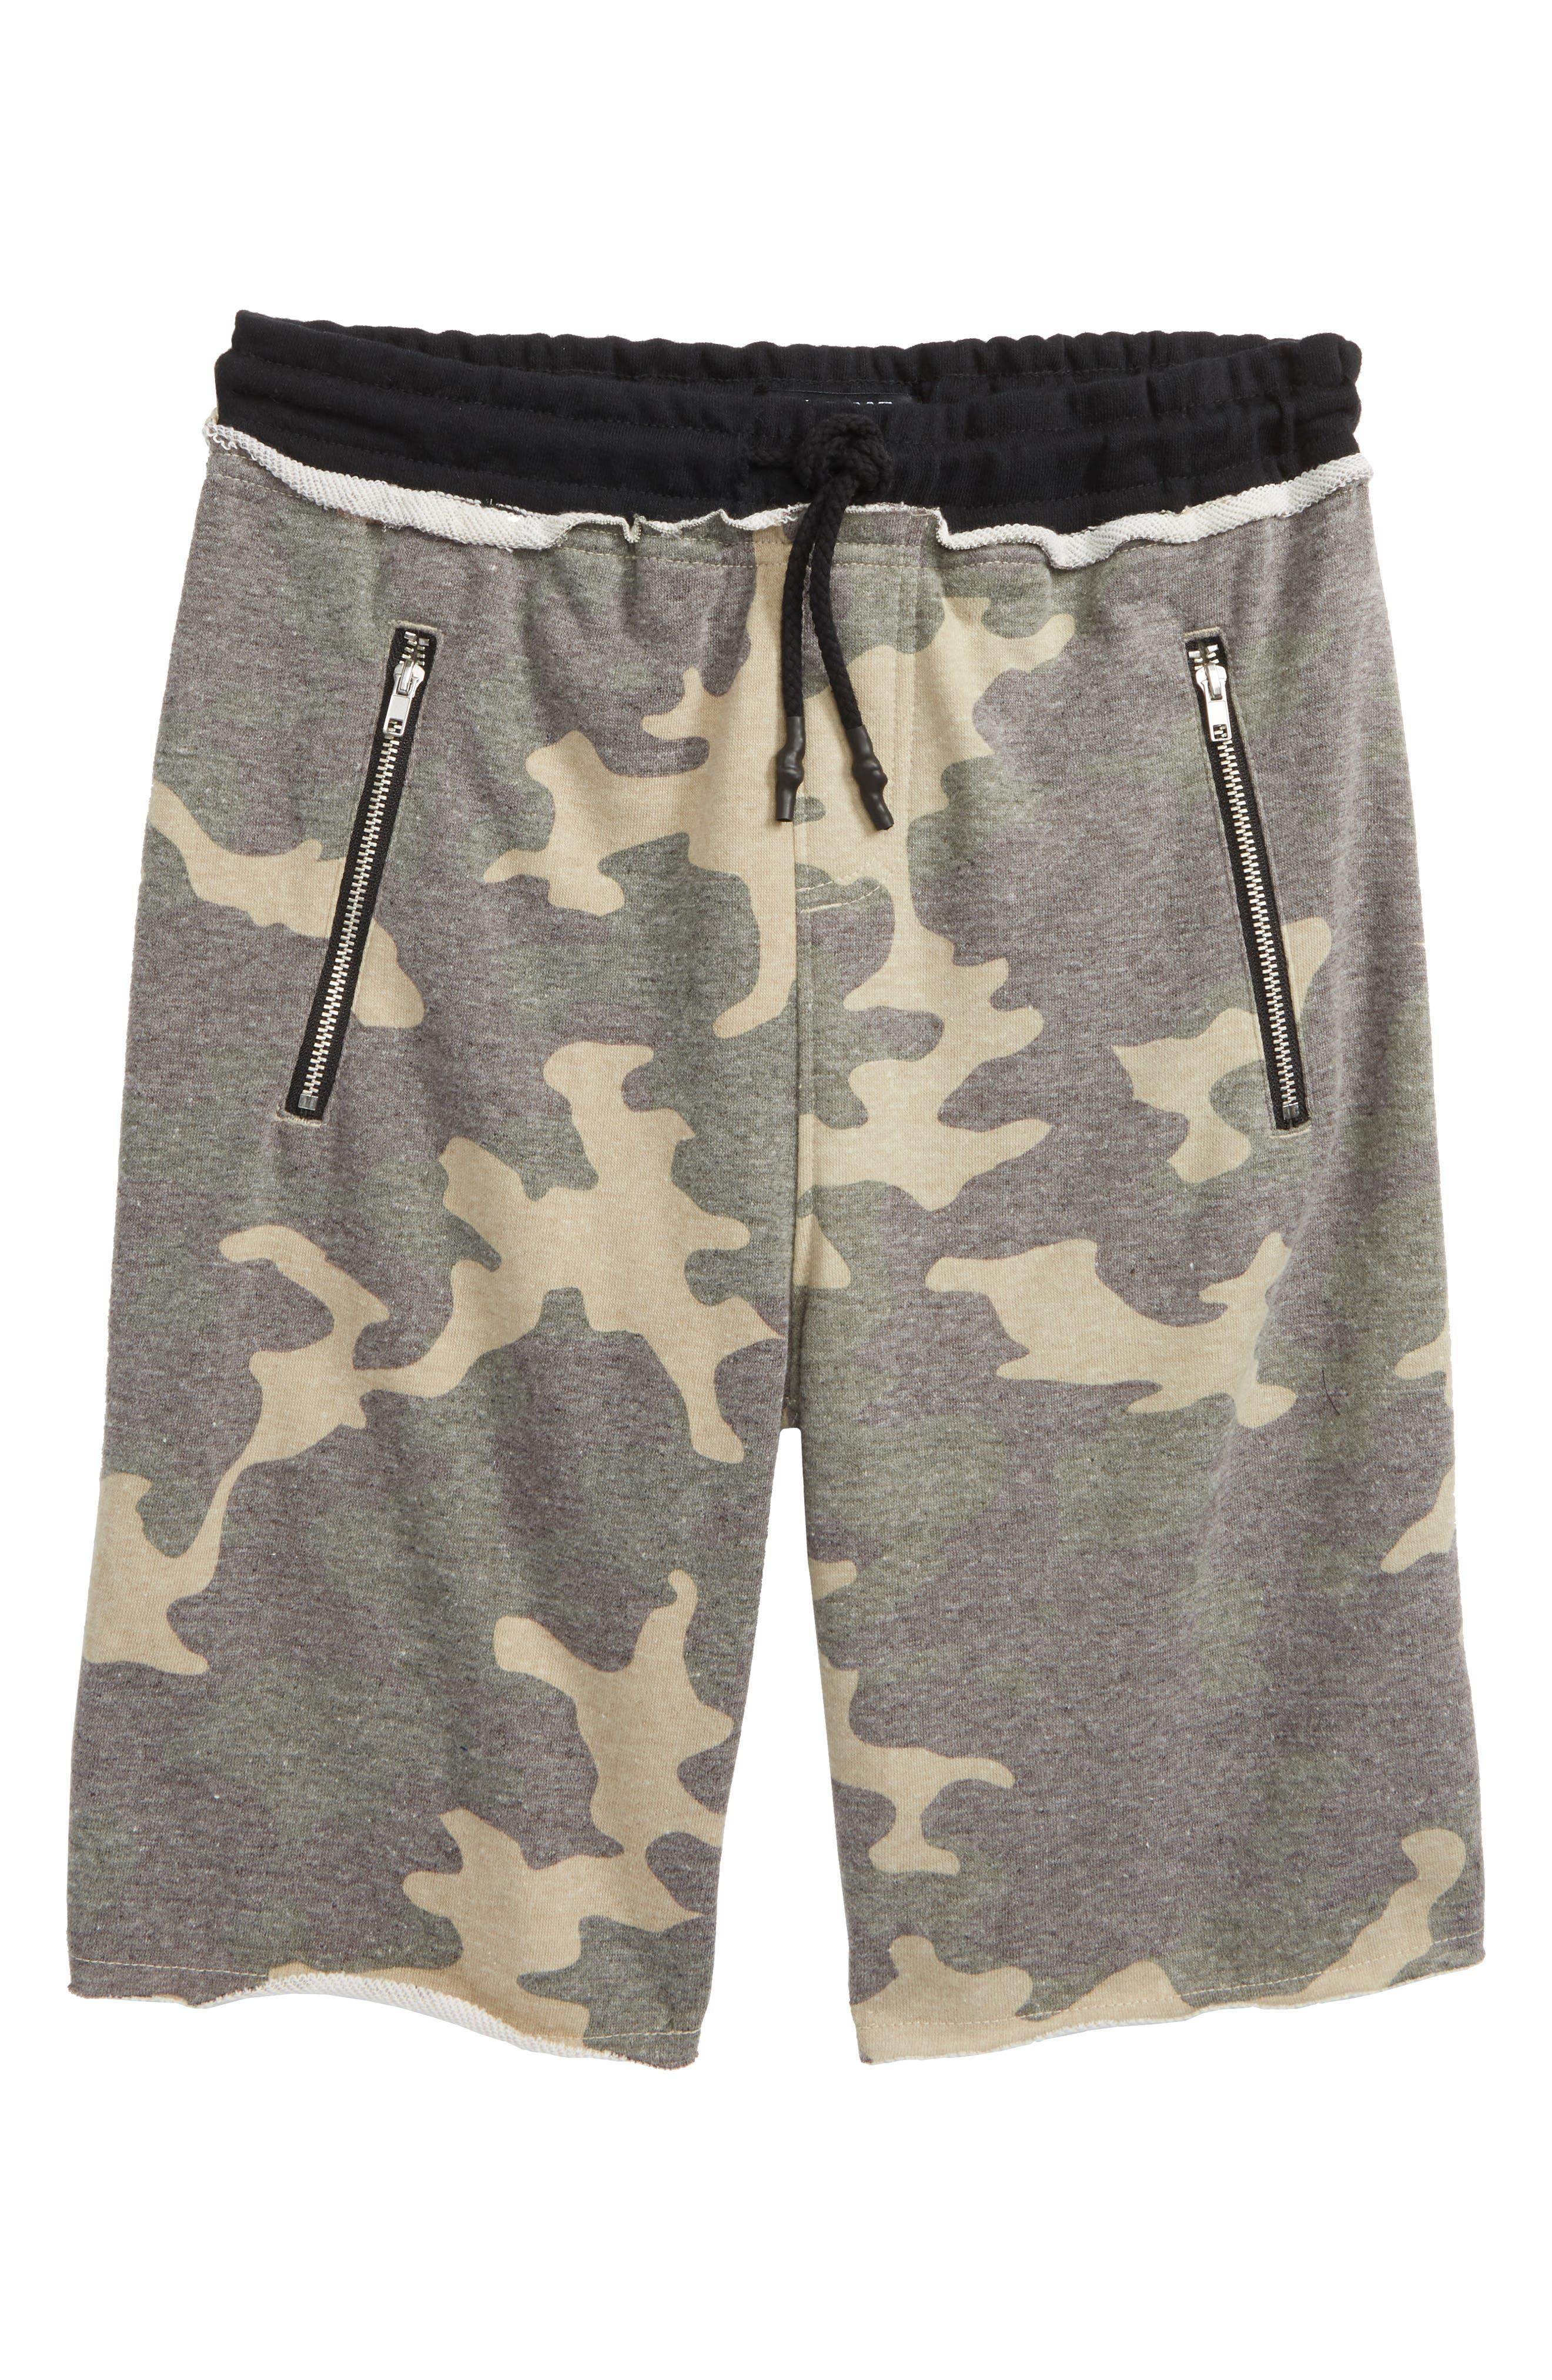 Raw Edge Shorts,                             Main thumbnail 1, color,                             250